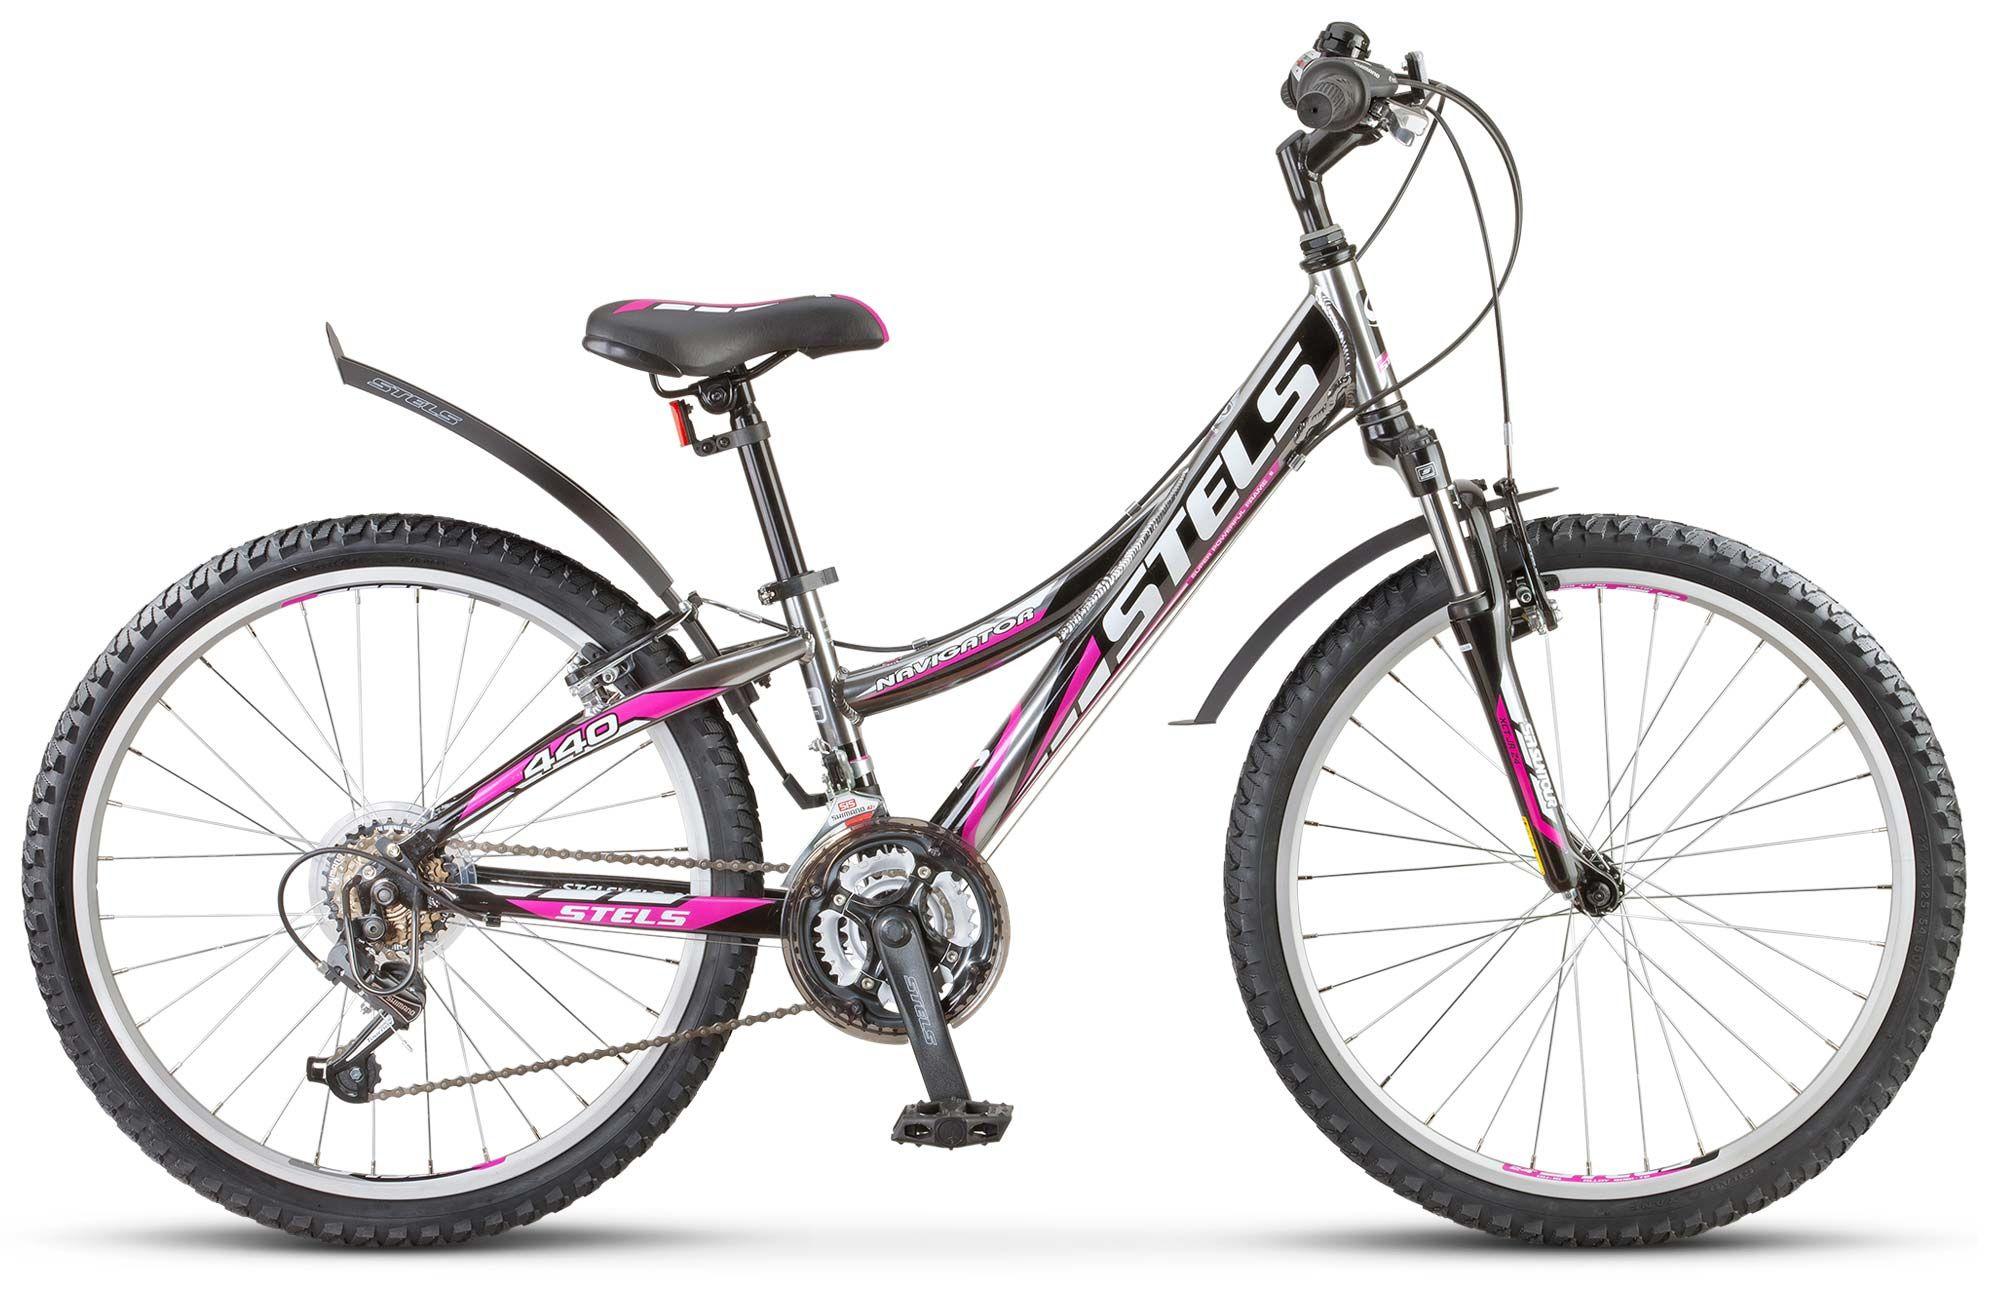 Велосипед StelsДетские<br>Подростковый велосипед Stels Navigator 440 V - это уменьшенная копия взрослого велосипеда, предназначенная для детей в возрасте до 12 лет. Надежные компоненты и стильный дизайн - вот основные качества Stels Navigator 440 V. Благодаря алюминиевой раме велосипед получился легким и прочным. Преодолеть все сложные участки бездорожья ребенку поможет амортизационная вилка SR Suntour XCT. Ободные тормоза типа V-brake отличаются неприхотливостью в настройке и надежностью в работе. Трансмиссия Shimano Tourney - это четкое и своевременное переключение передач.<br><br>year: 2016<br>цвет: синий<br>пол: девочка<br>тип тормозов: ободной<br>диаметр колеса: 24<br>тип рамы: хардтейл<br>материал рамы: алюминий<br>количество скоростей: 18<br>рулевая колонка: Feimin, сталь<br>передний тормоз: Power, V-типа<br>задний тормоз: Power, V-типа<br>система: Prowheel, сталь, 22/32/42T<br>каретка: Feimin, сталь<br>педали: Feimin, пластик<br>ободья: Алюминиевые, двойные<br>передняя втулка: KT, сталь<br>задняя втулка: KT, сталь<br>передняя покрышка: Chao Yang, 24 x 2.1<br>задняя покрышка: Chao Yang, 24 x 2.1<br>седло: Cionlli<br>кассета: Shimano Tourney, MF-TZ20<br>передний переключатель: Shimano Tourney, FD-TY10<br>задний переключатель: Shimano Tourney, RD-TX35<br>манетки: Shimano Tourney, SL-RS36<br>крылья: Пластик<br>рама: Алюминий<br>вилка: SR Suntour, XCT, ход 50 мм<br>Серия: Navigator